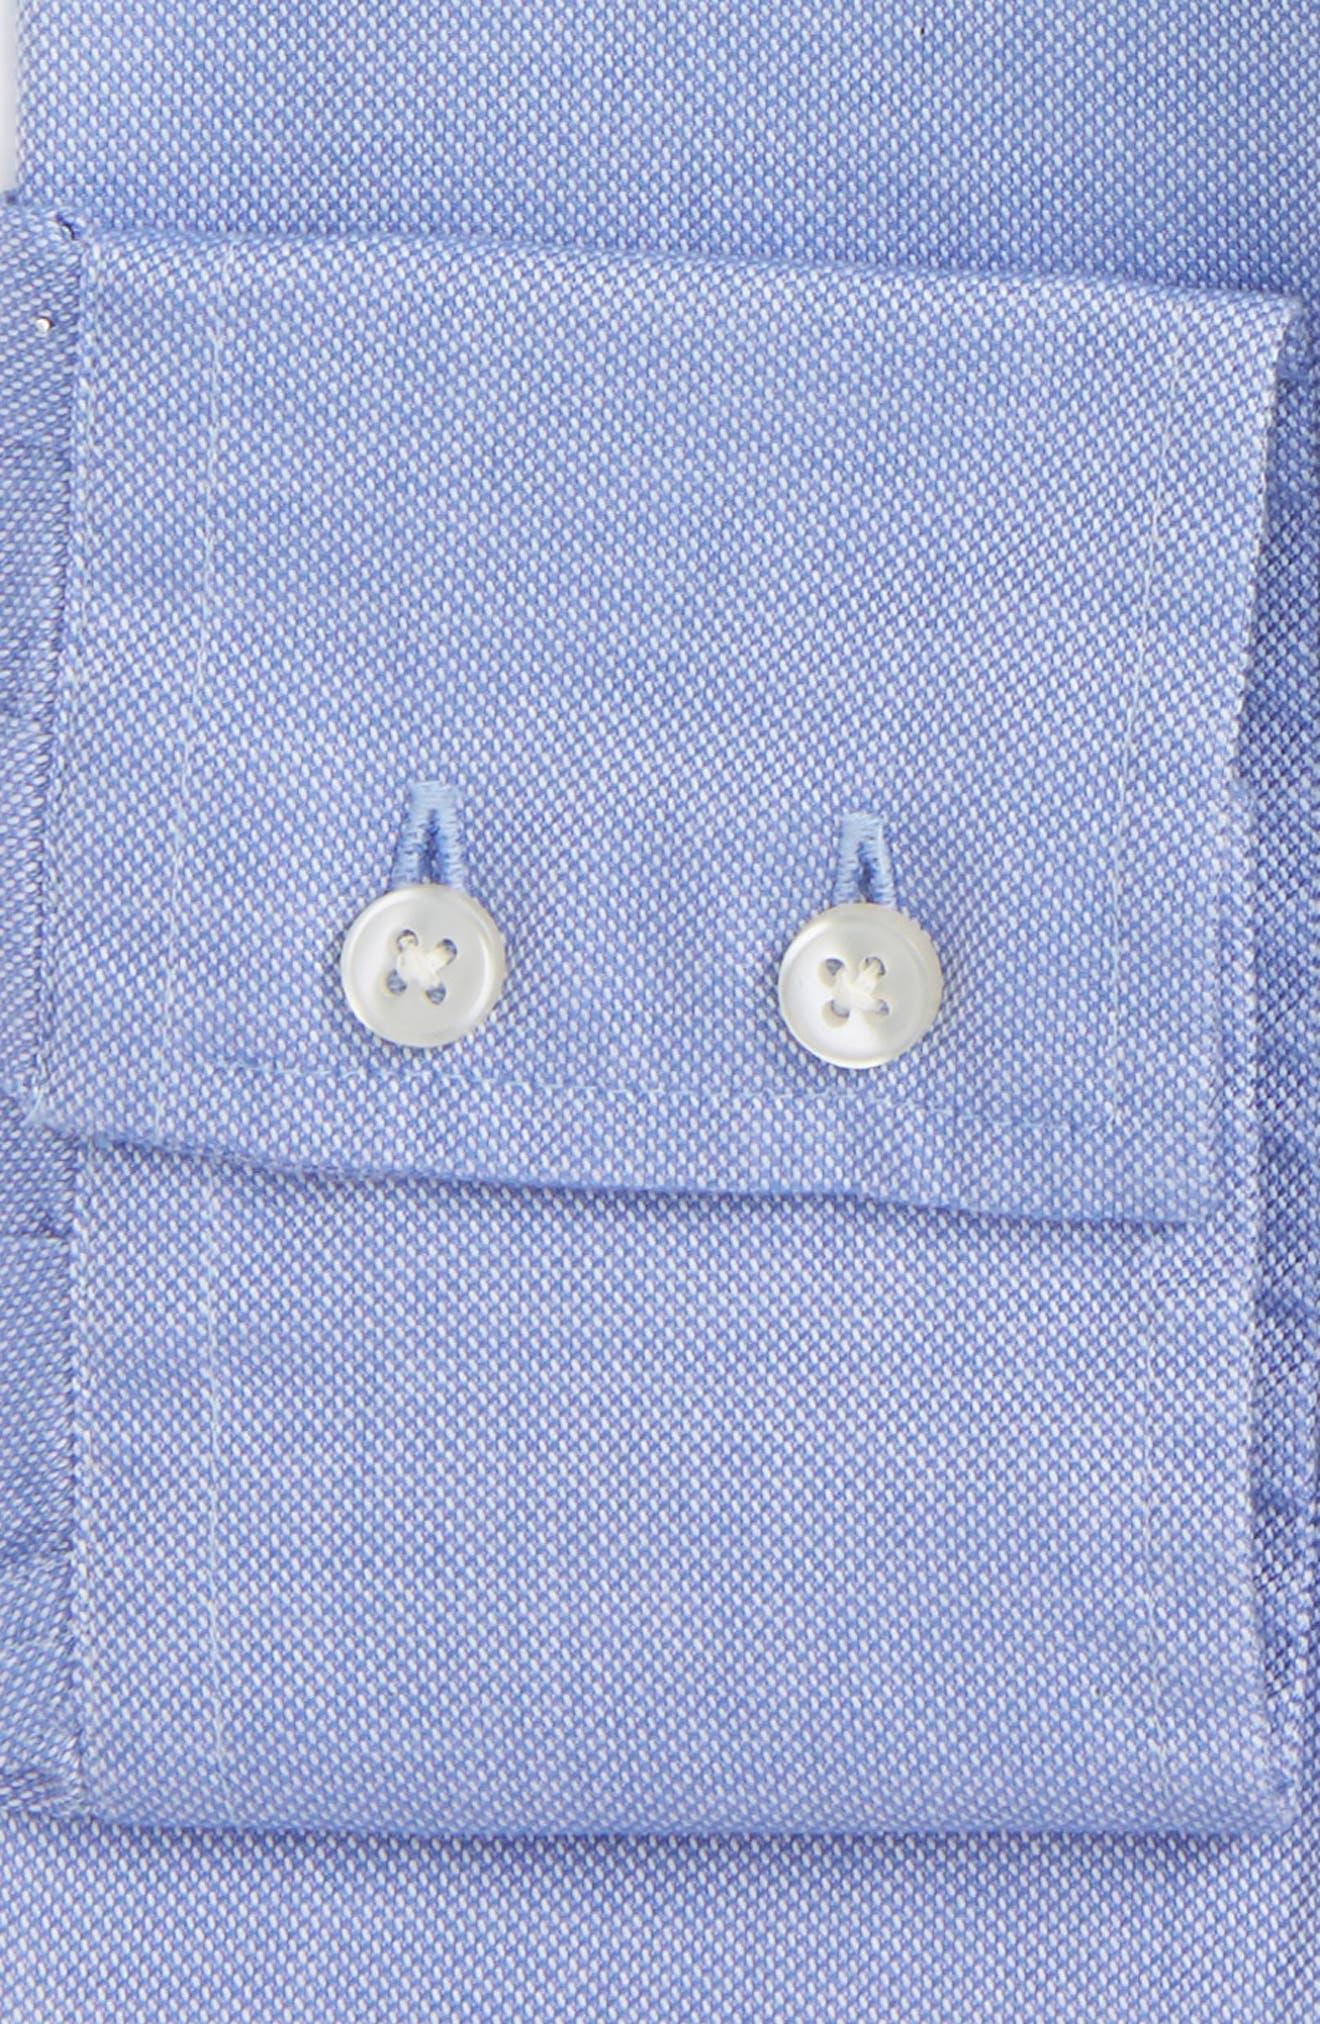 Trim Fit Oxford Dress Shirt,                             Alternate thumbnail 2, color,                             Blue